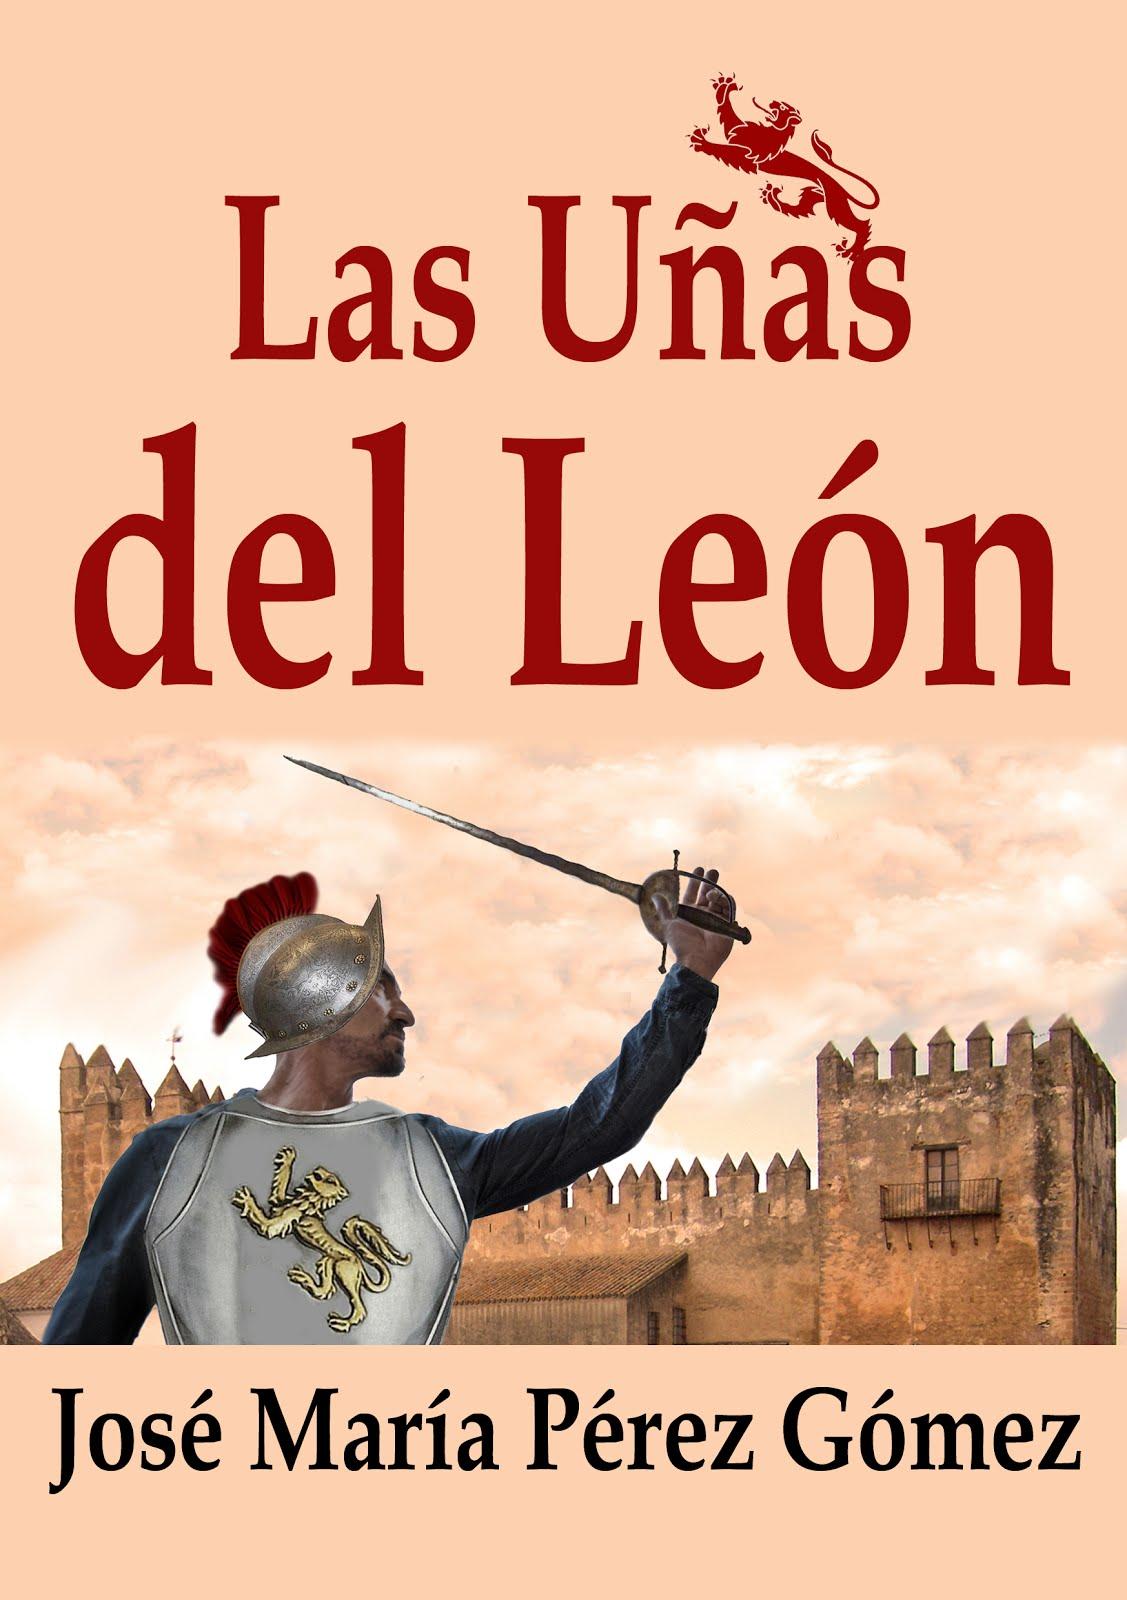 Las vidas de don Rodrigo Ponce de León y sus acompañantes llevadas a un guión de cine.